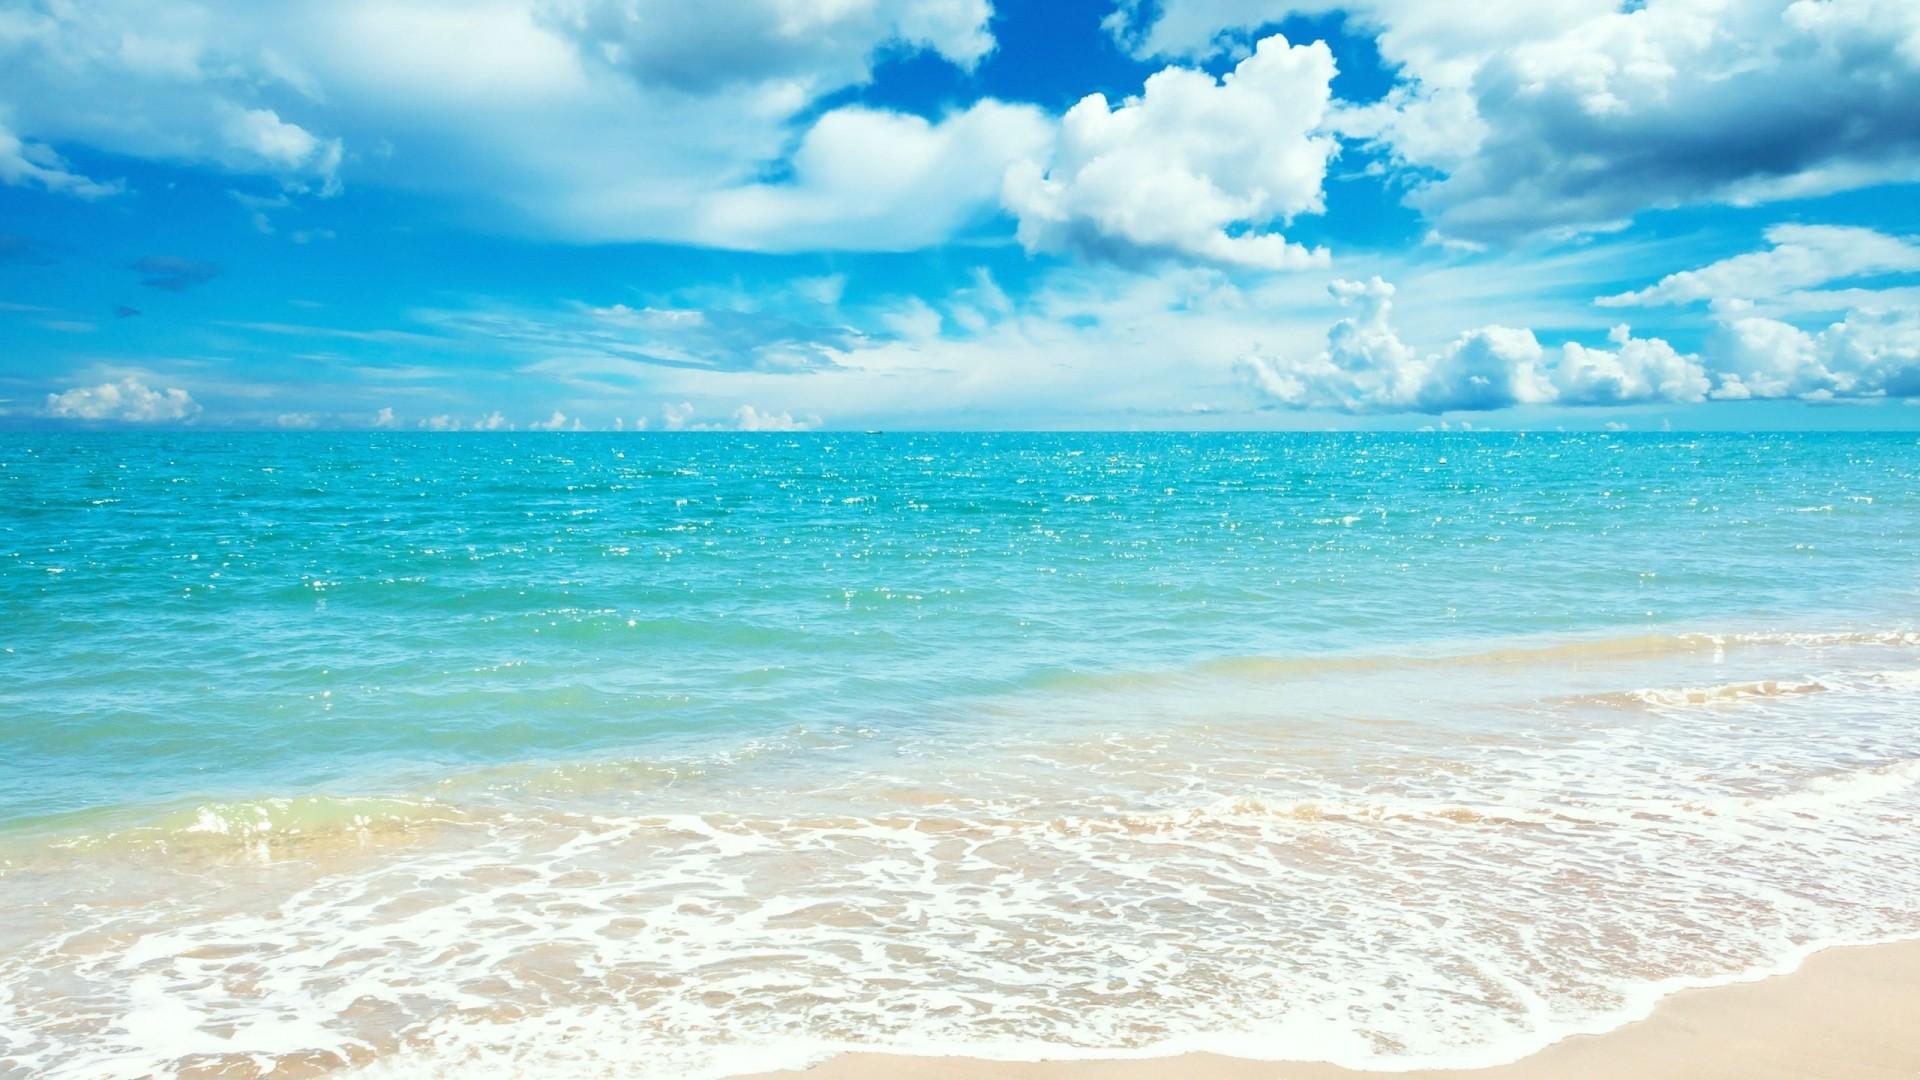 Wallpaper Summer Beach 1920x1080